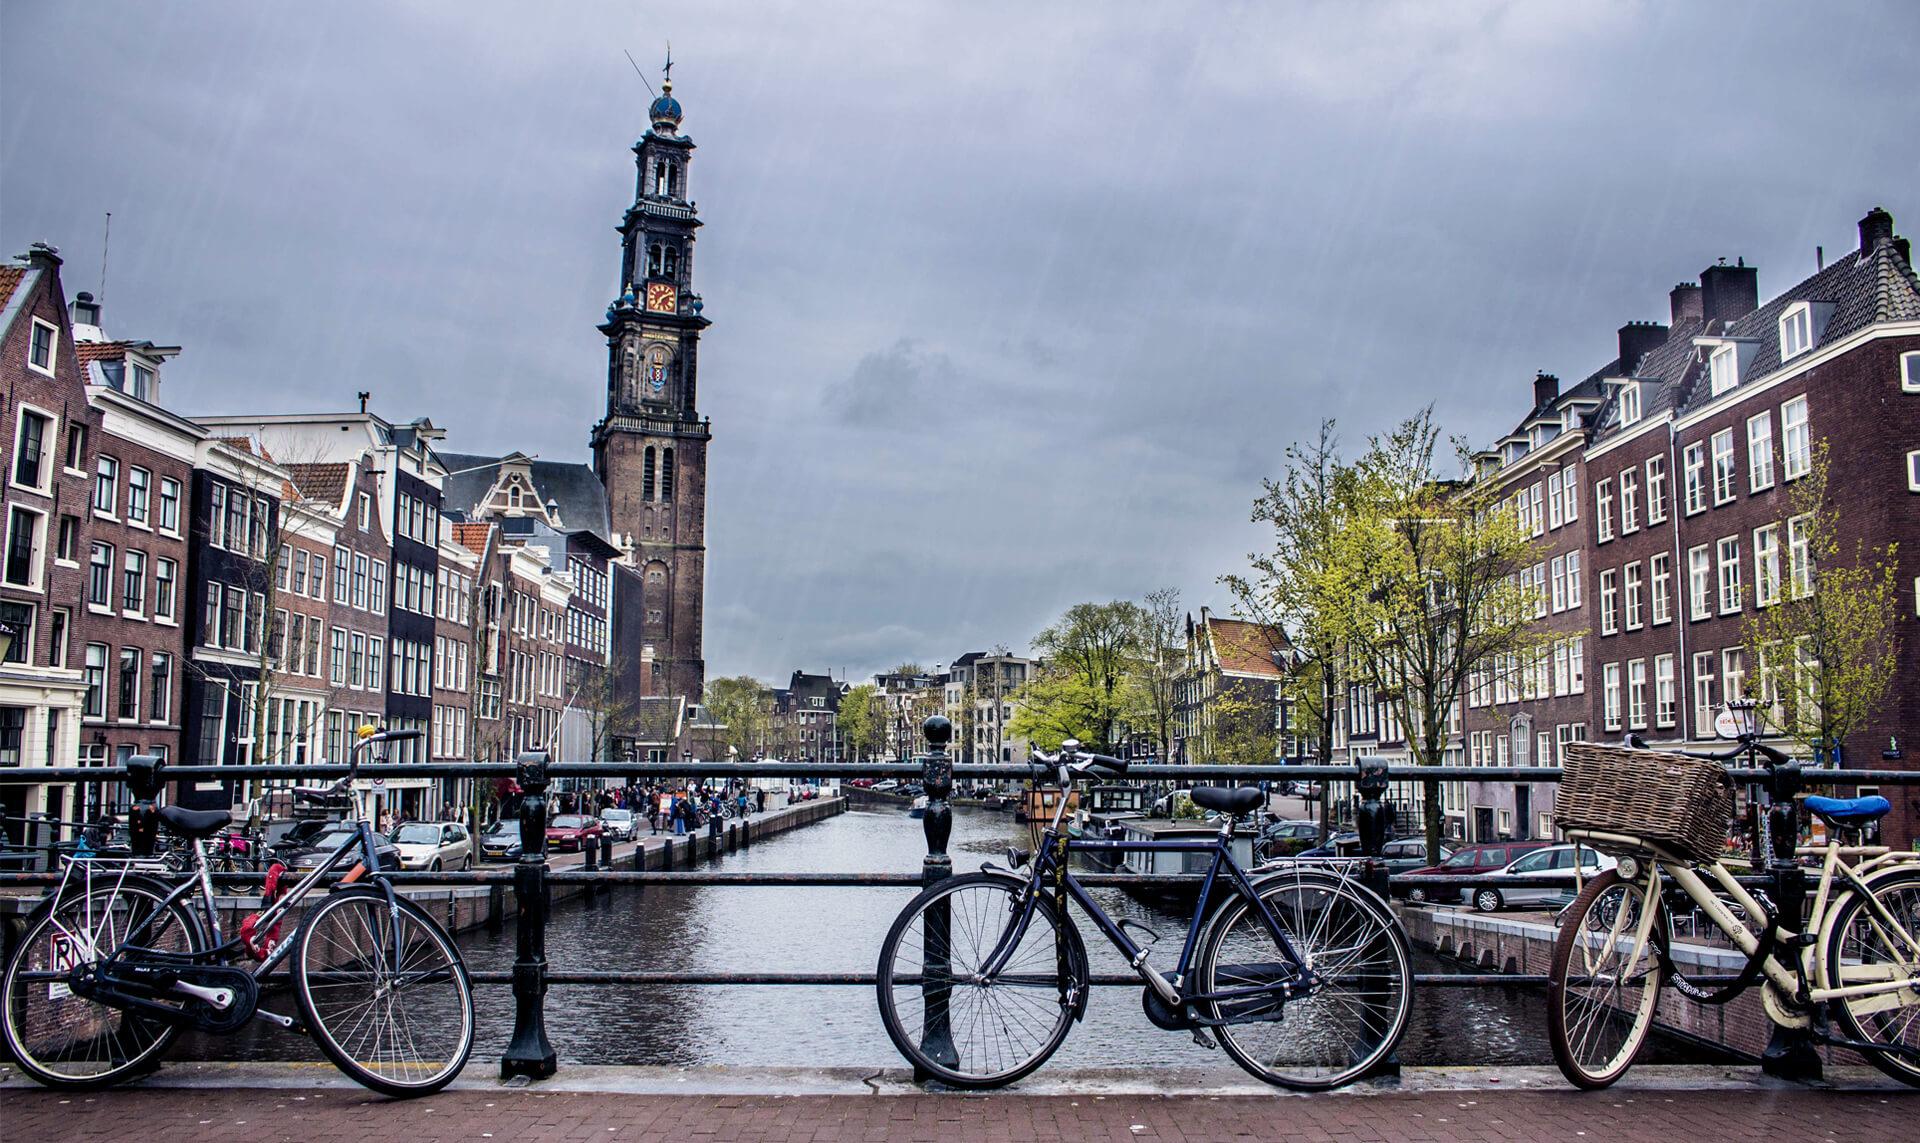 Vélos sur un pont à Amsterdam